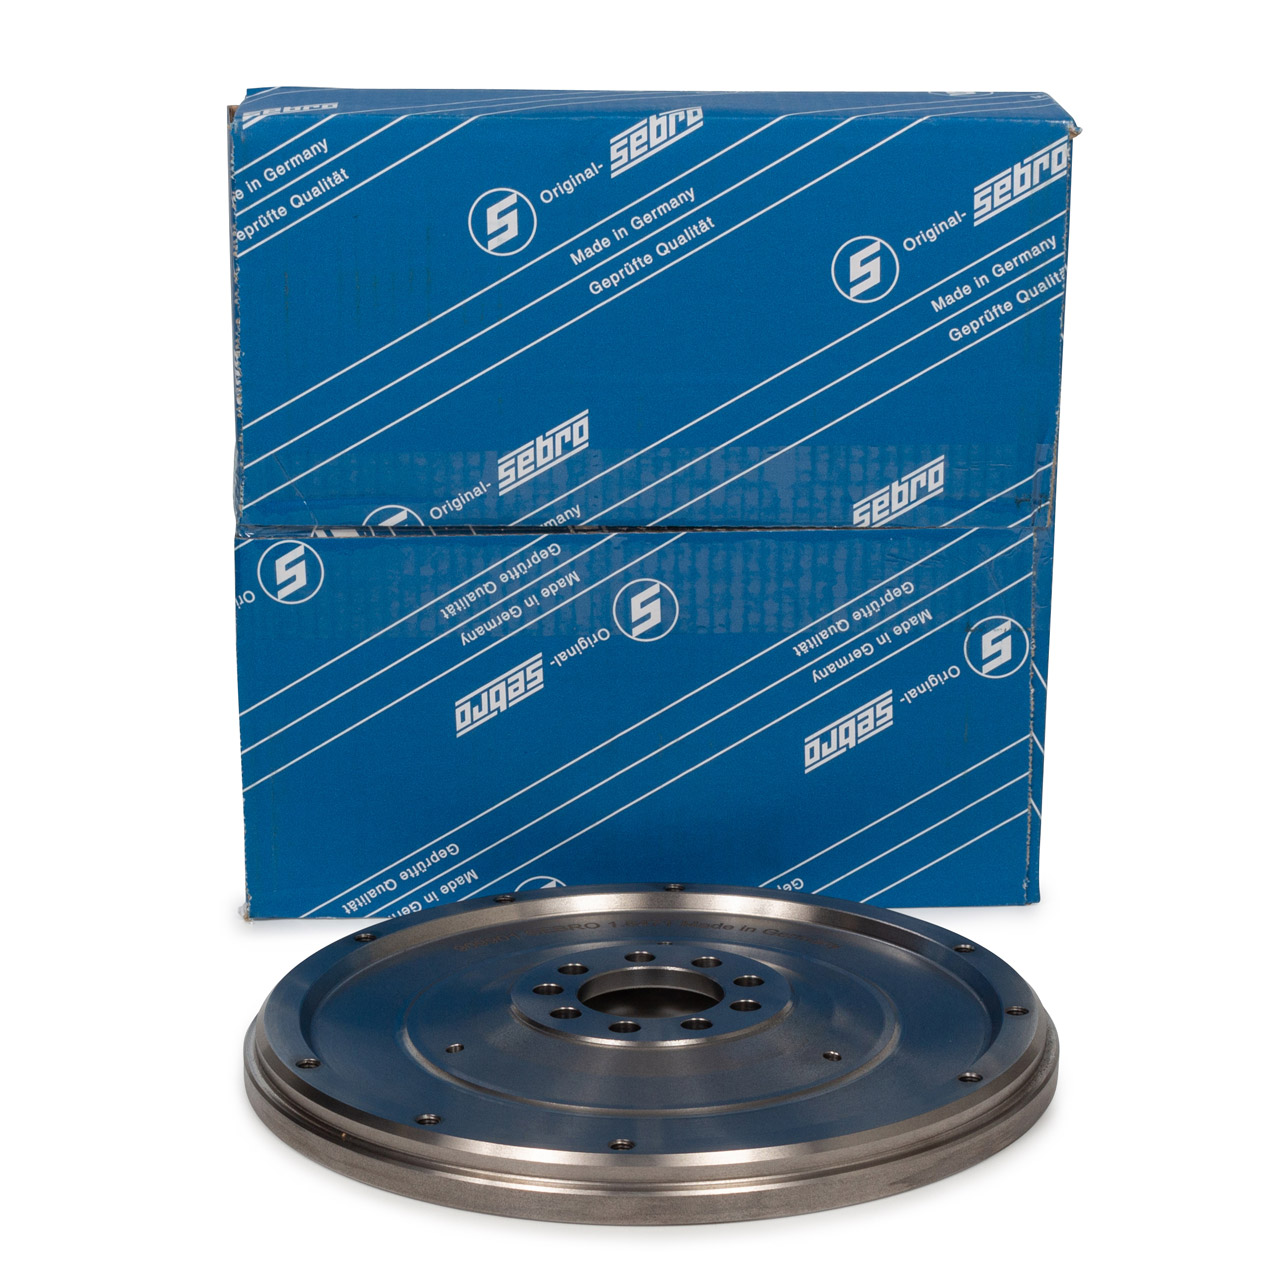 SEBRO Schwungrad für PORSCHE 911 3.0 SC 204 PS 08.1980-07.1983 93010221500